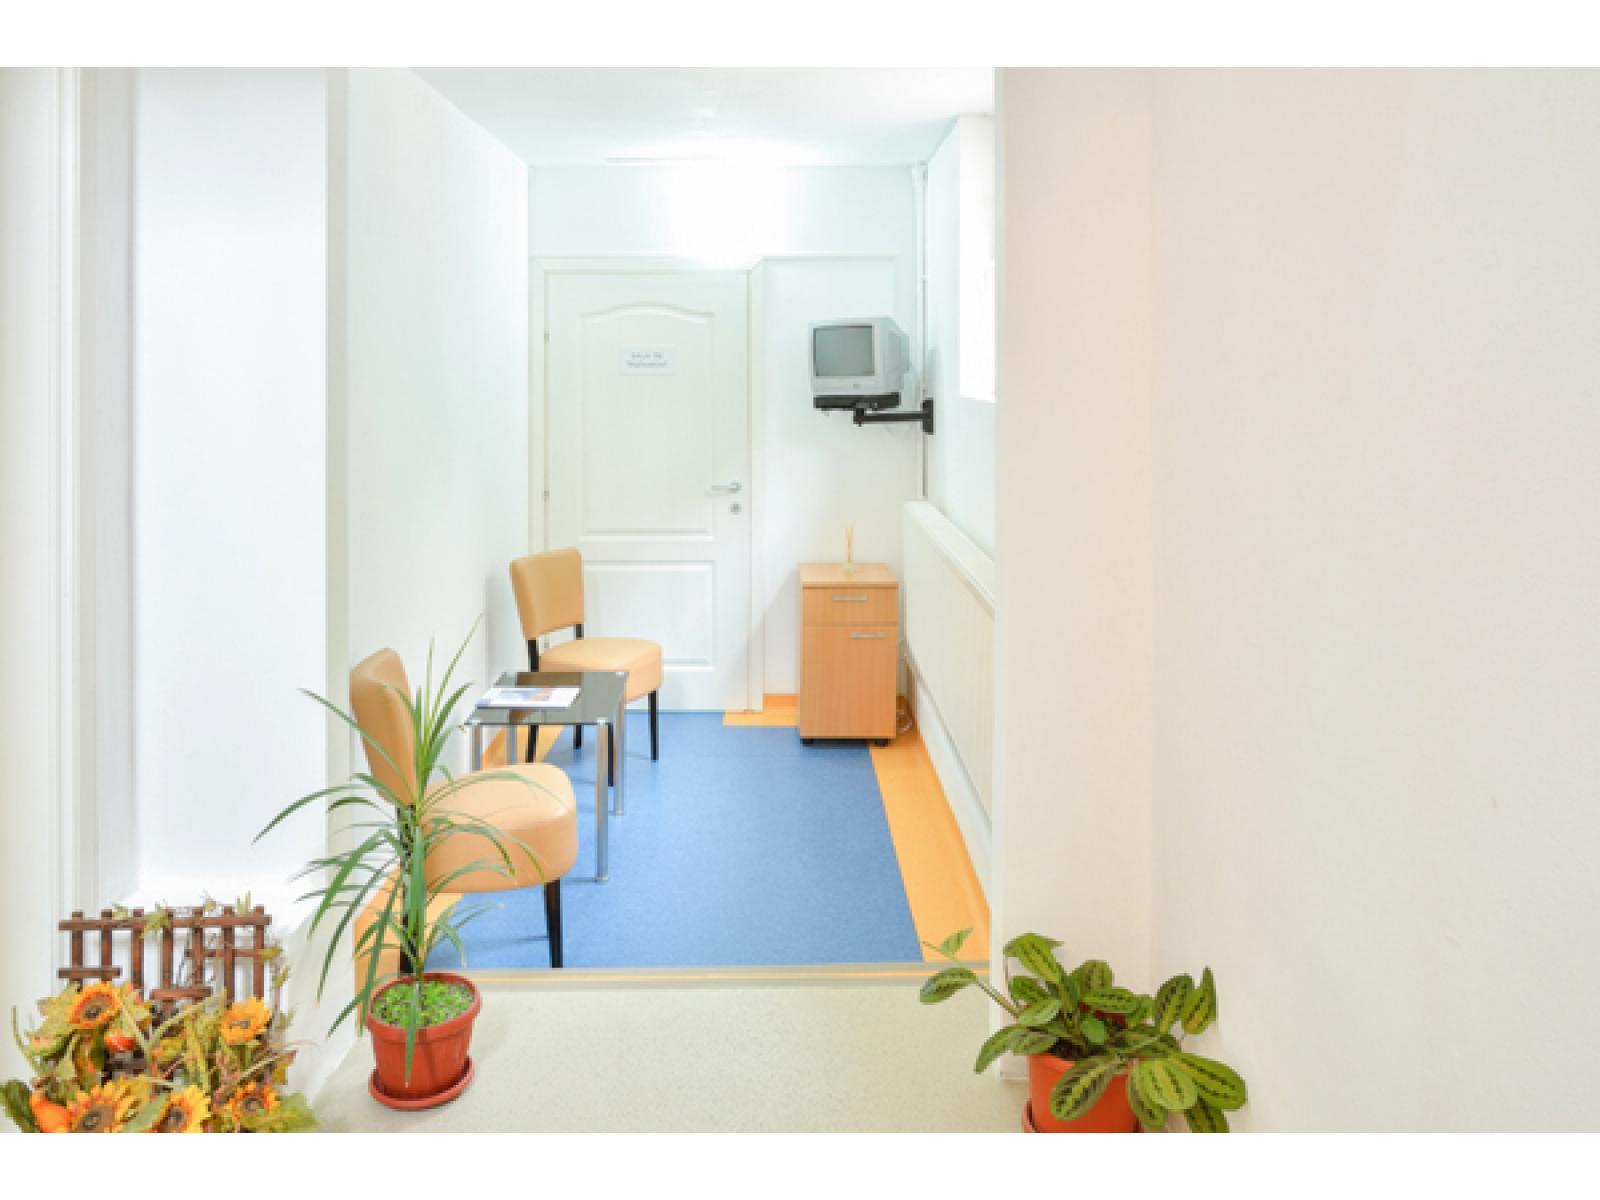 Dermisana-Clinica Dermato-estetica - dermatologie_dermisana_22.jpg